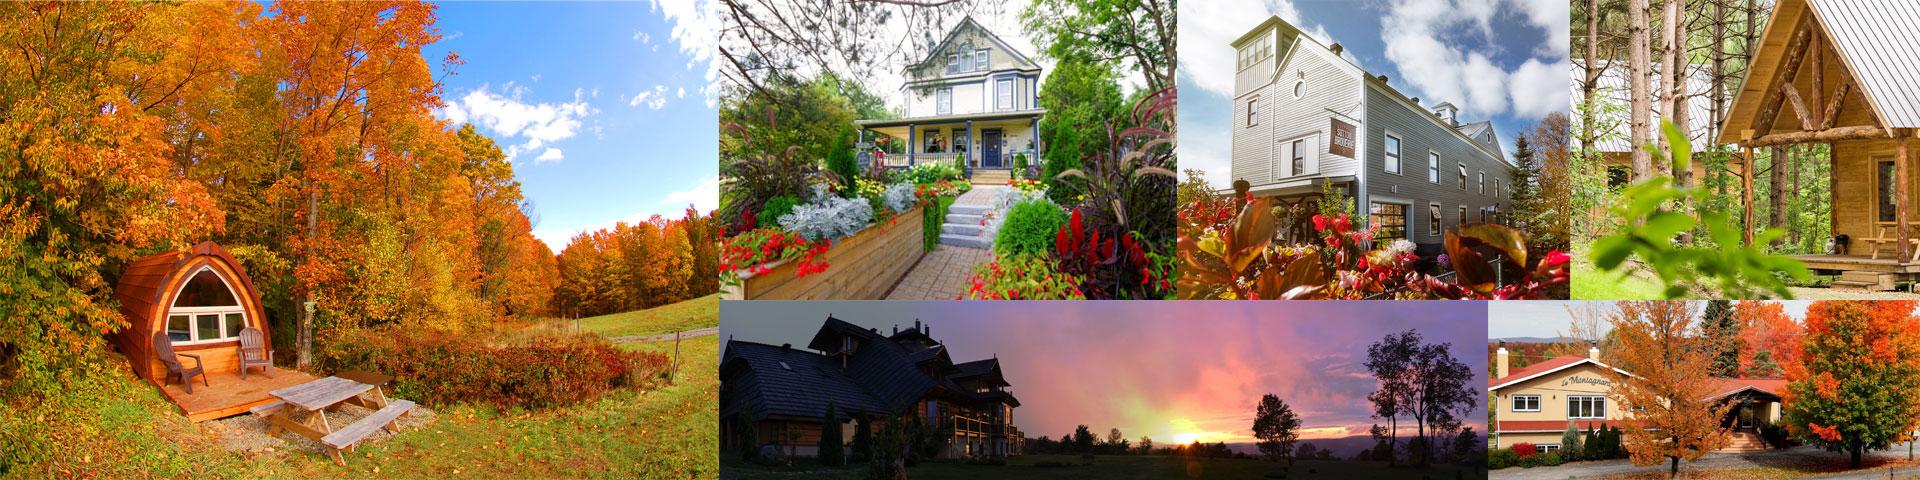 Tourisme Sutton : Où dormir en automne à Sutton